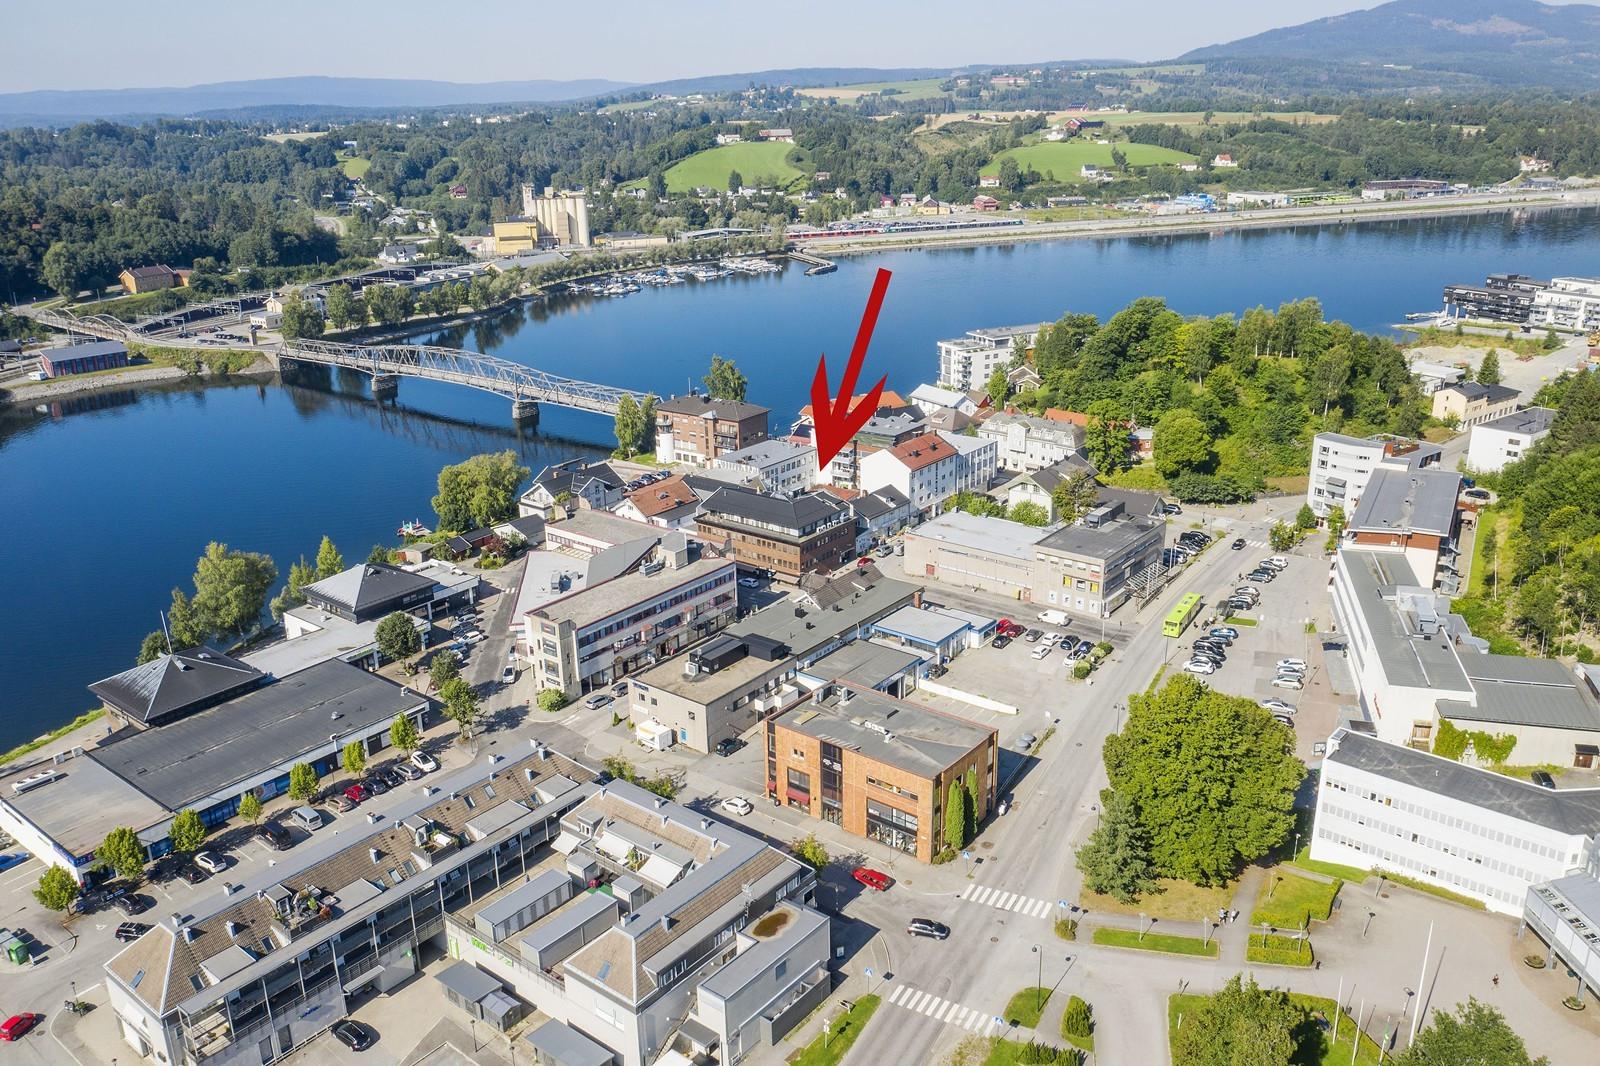 Kun ca. 5 min. gange til Eidsvoll togstasjon (over gangbro)